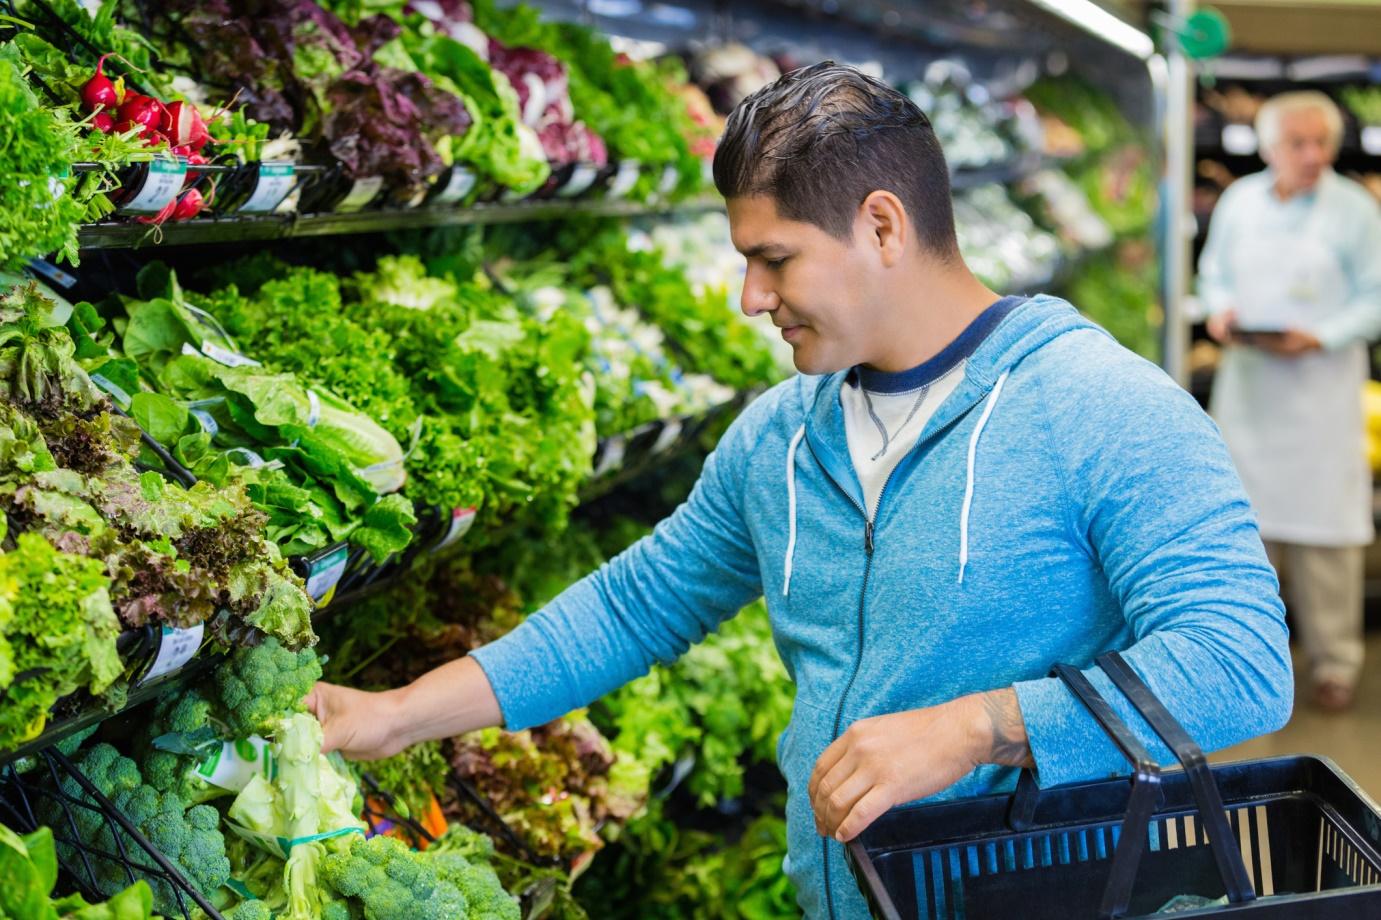 Bảo quản rau củ trong tủ lạnh 10 cách vẫn hư héo như thường nếu bạn không biết những điều này! - Ảnh 4.